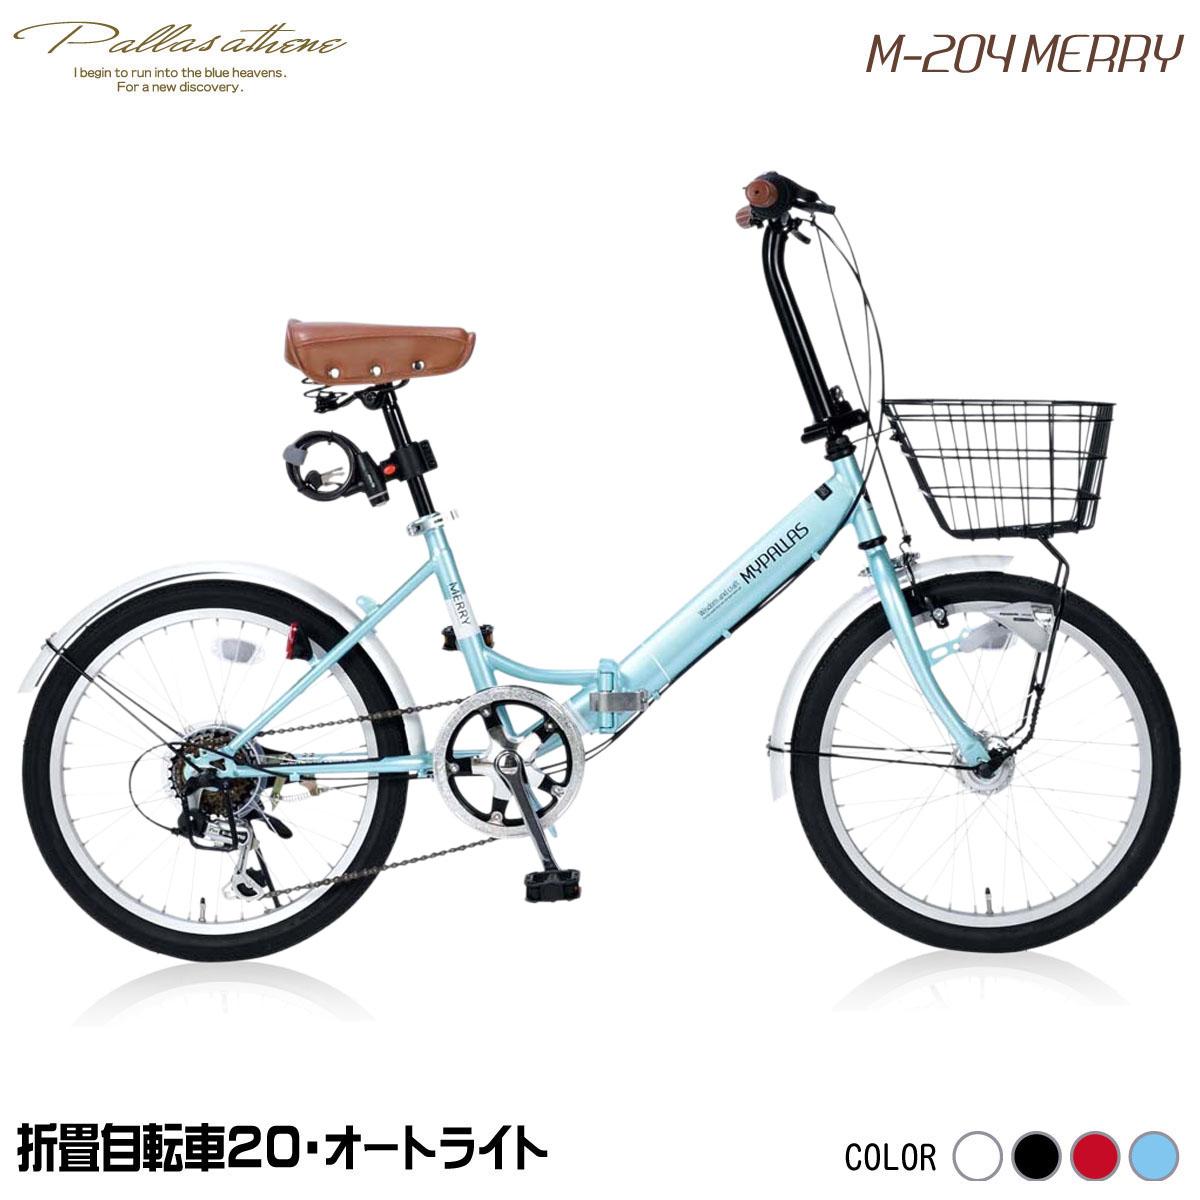 【送料無料】マイパラス M-204-MT クールミント [折り畳み自転車(20インチ・6段変速)]【同梱配送不可】【代引き不可】【本州以外配送不可】